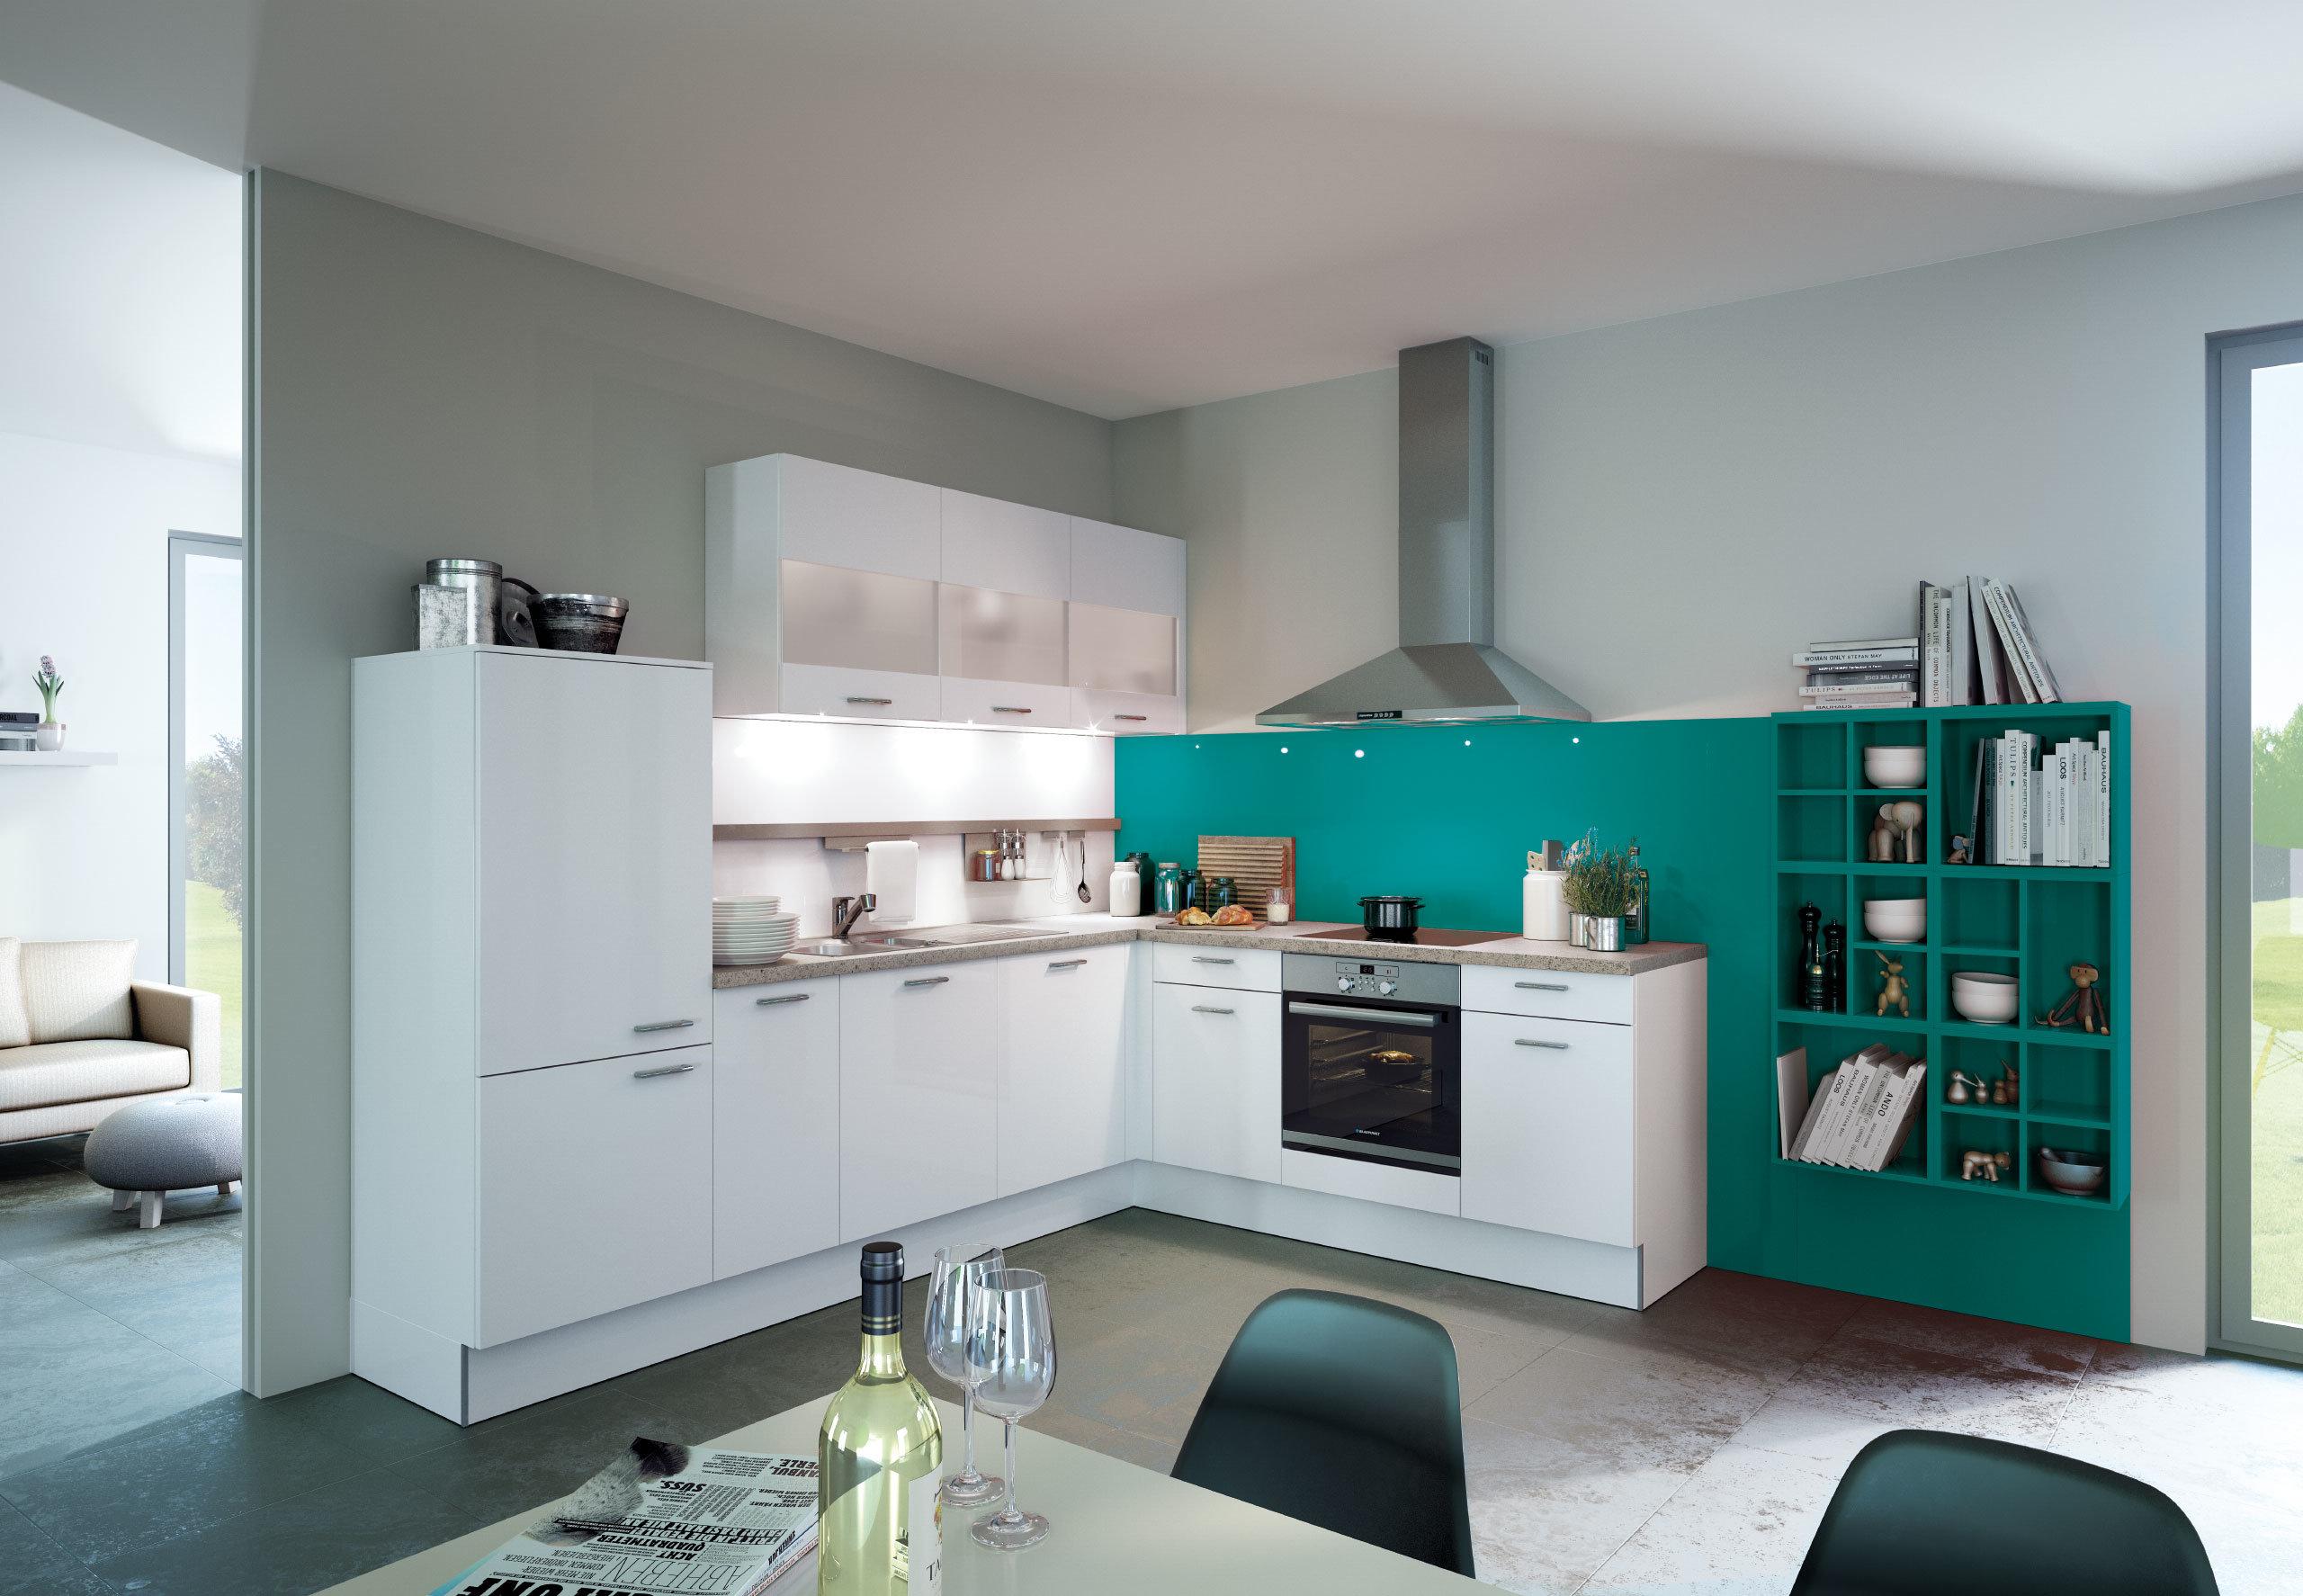 Full Size of Küche Selber Planen Programm Wie Kann Ich Meine Küche Selber Planen Küche Selber Planen Ikea Küche Selber Planen Online Kostenlos Küche Küche Selber Planen